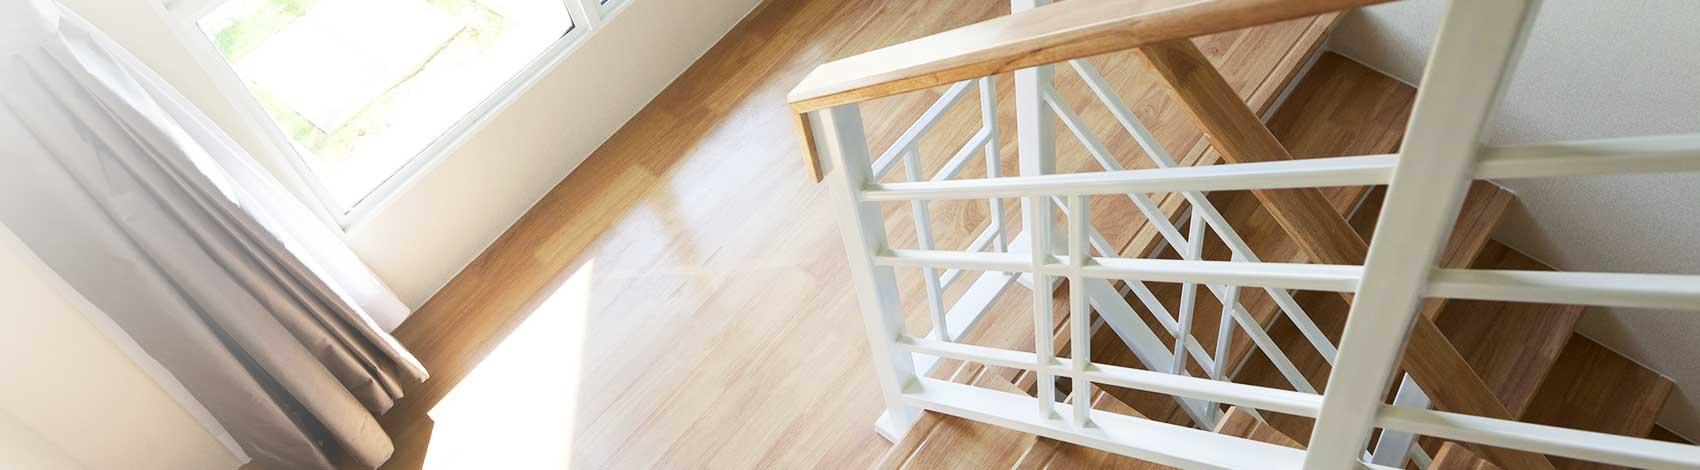 Neuer Look für alte Treppen. Treppenrenovierung mit über 20 Dekoren.